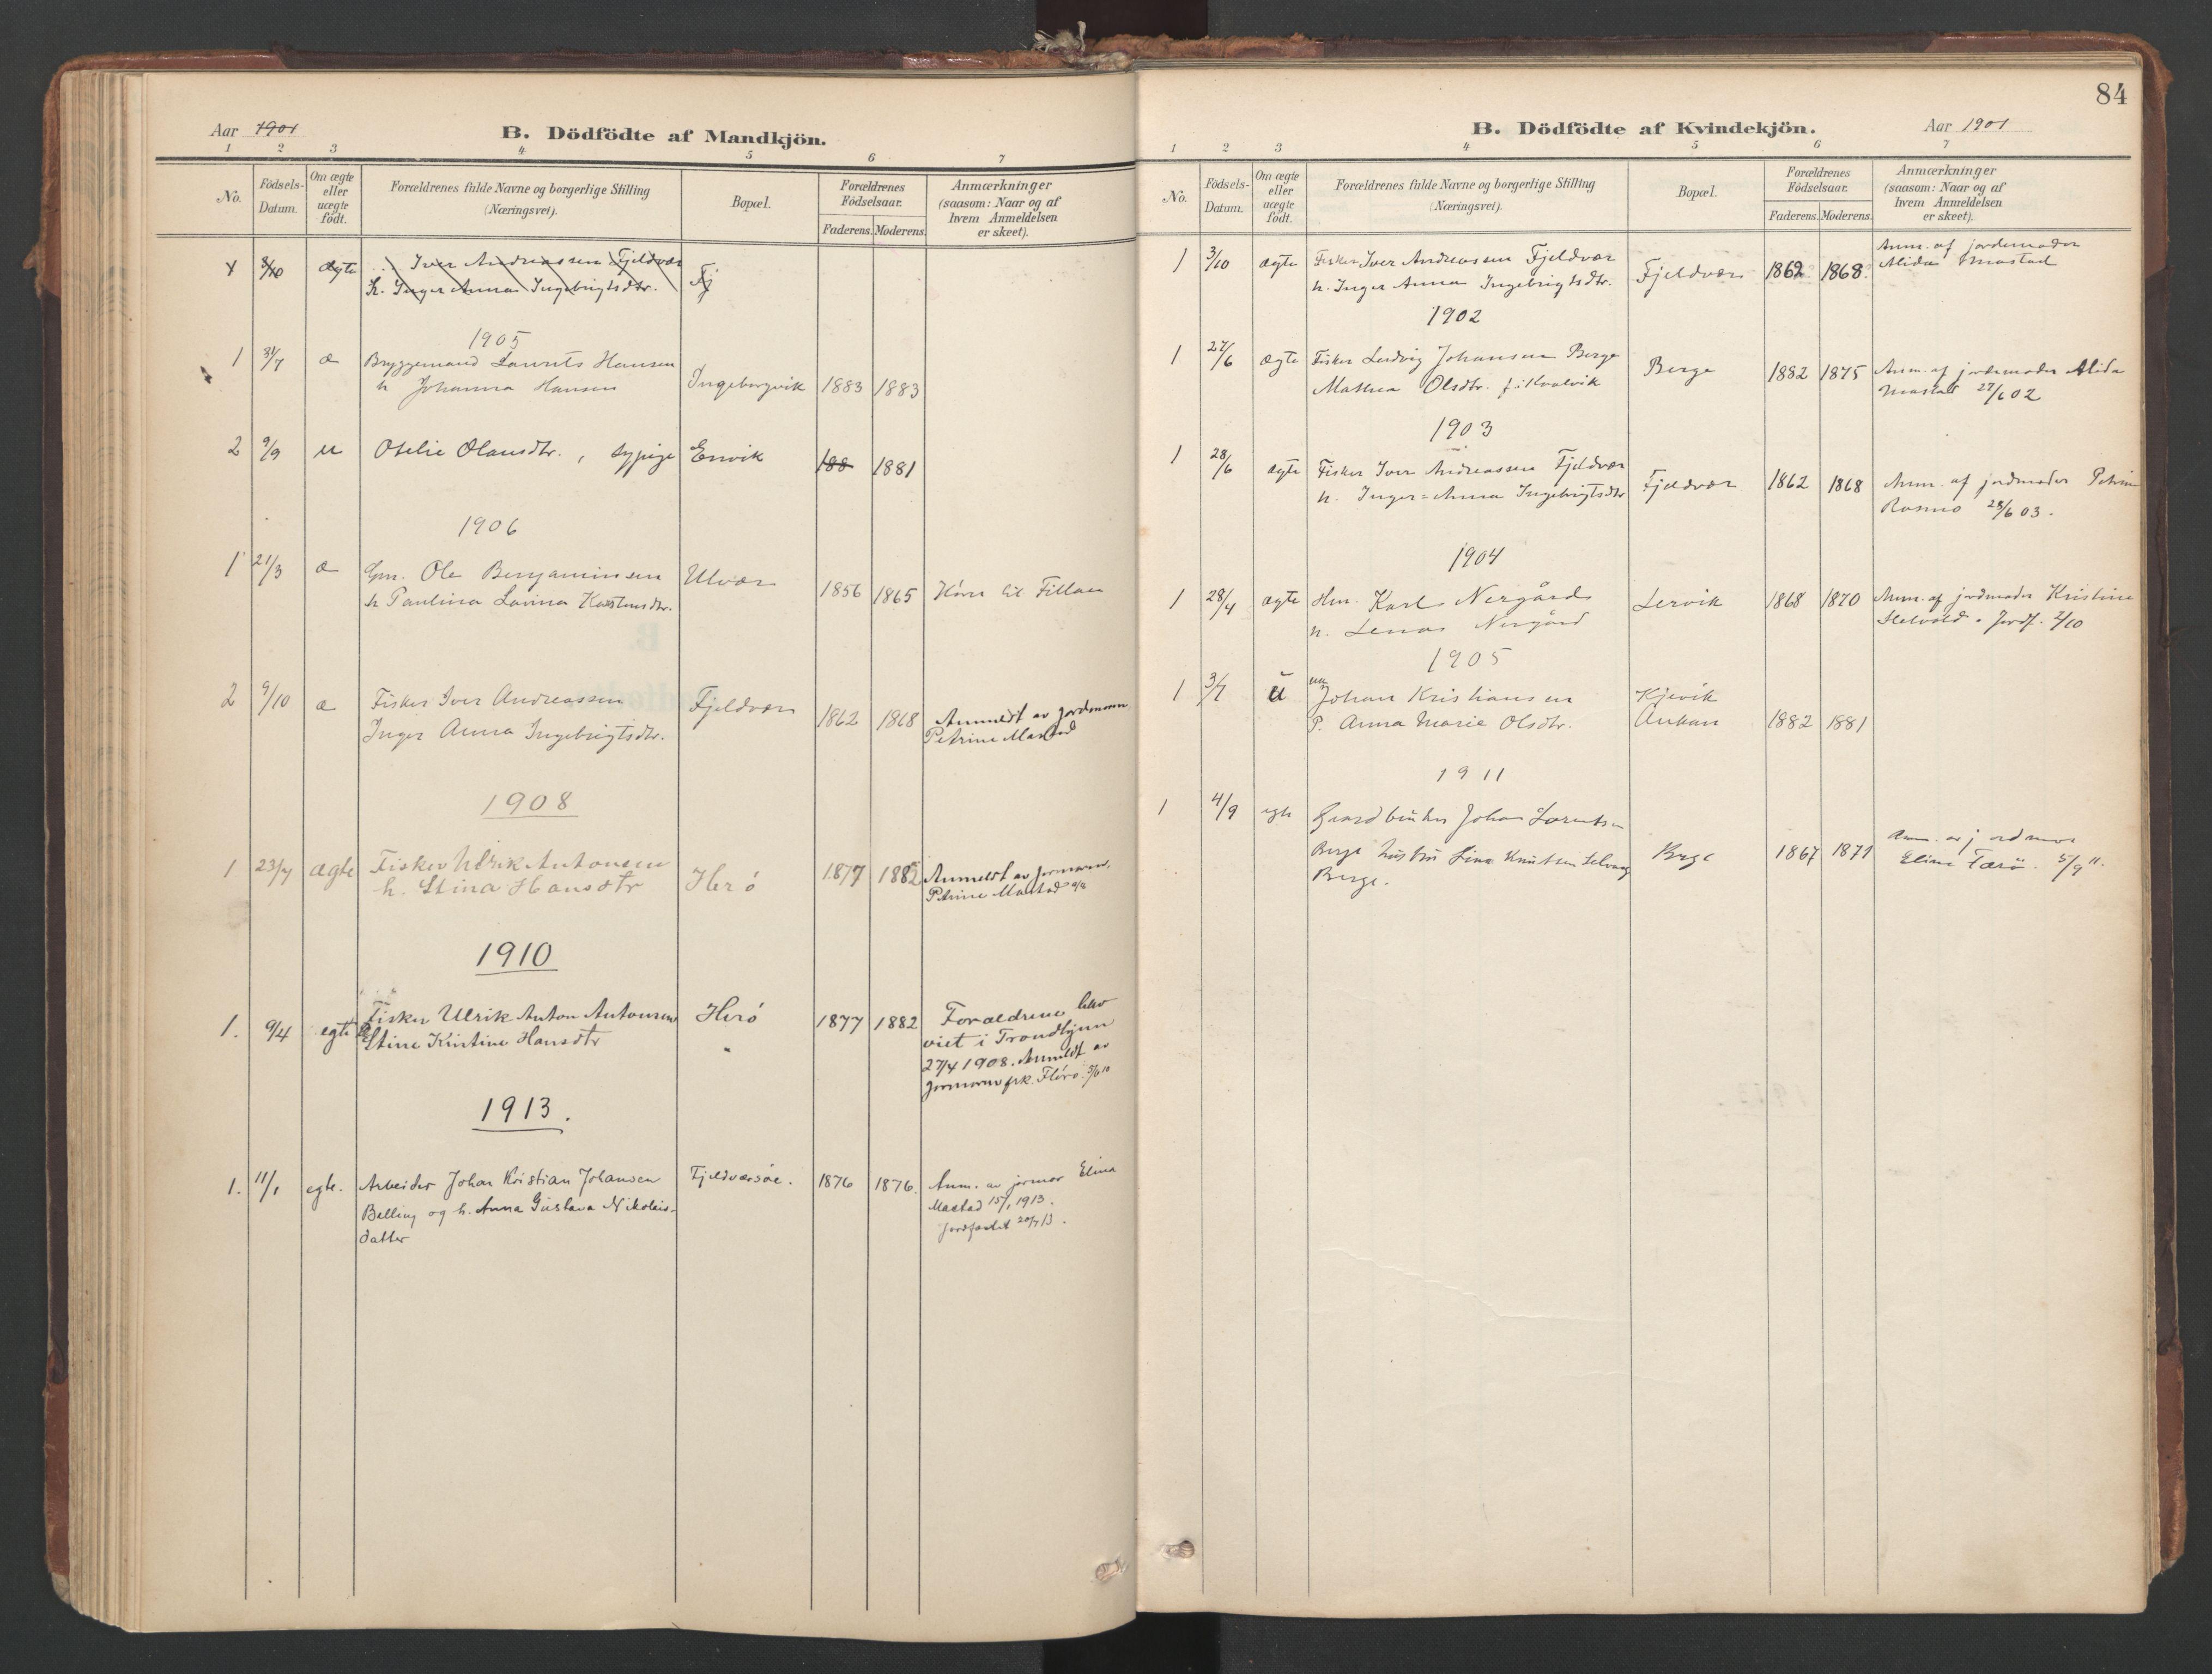 SAT, Ministerialprotokoller, klokkerbøker og fødselsregistre - Sør-Trøndelag, 638/L0568: Ministerialbok nr. 638A01, 1901-1916, s. 84